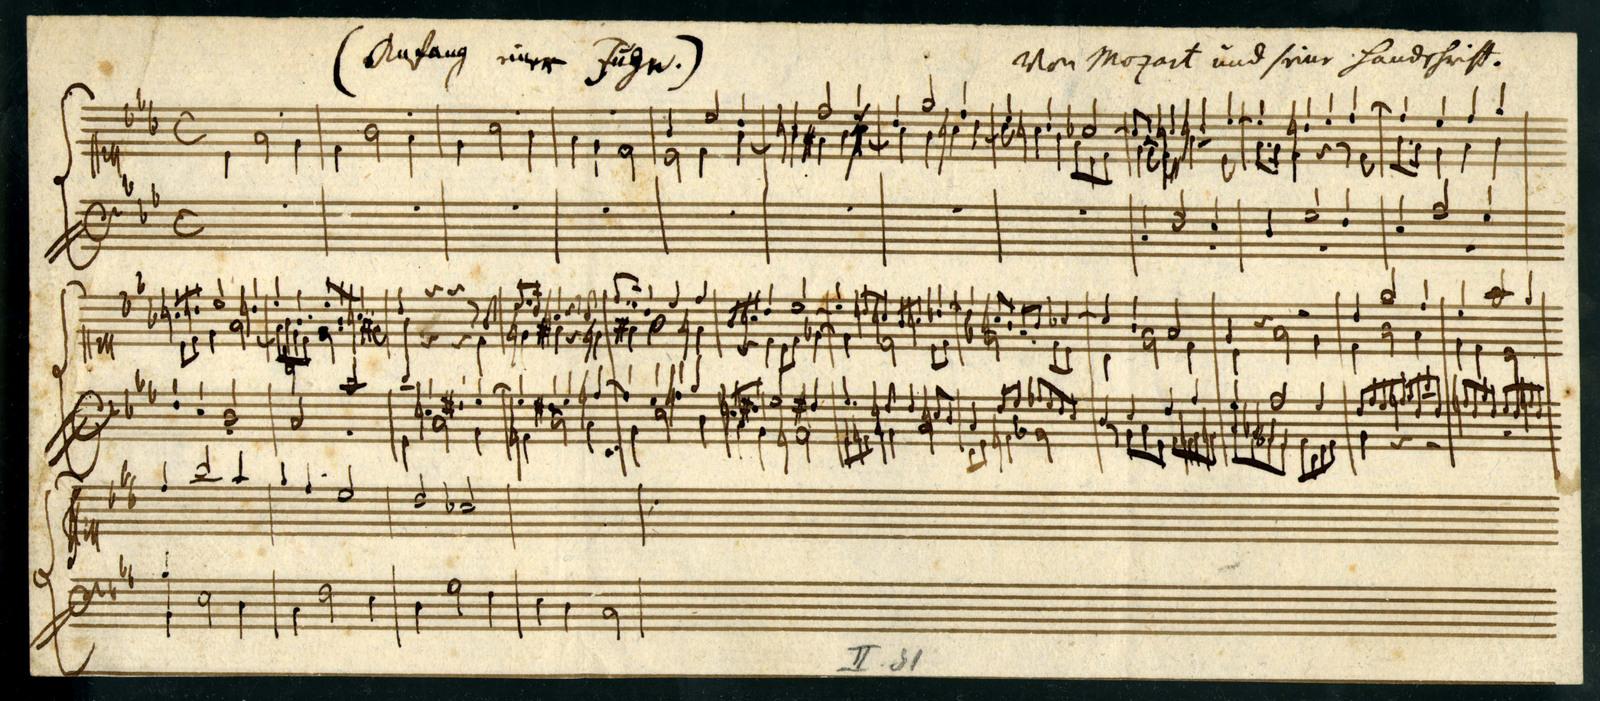 Anfang einer Fuge [Fragment of Fugue in C Minor, K. 626b/27]